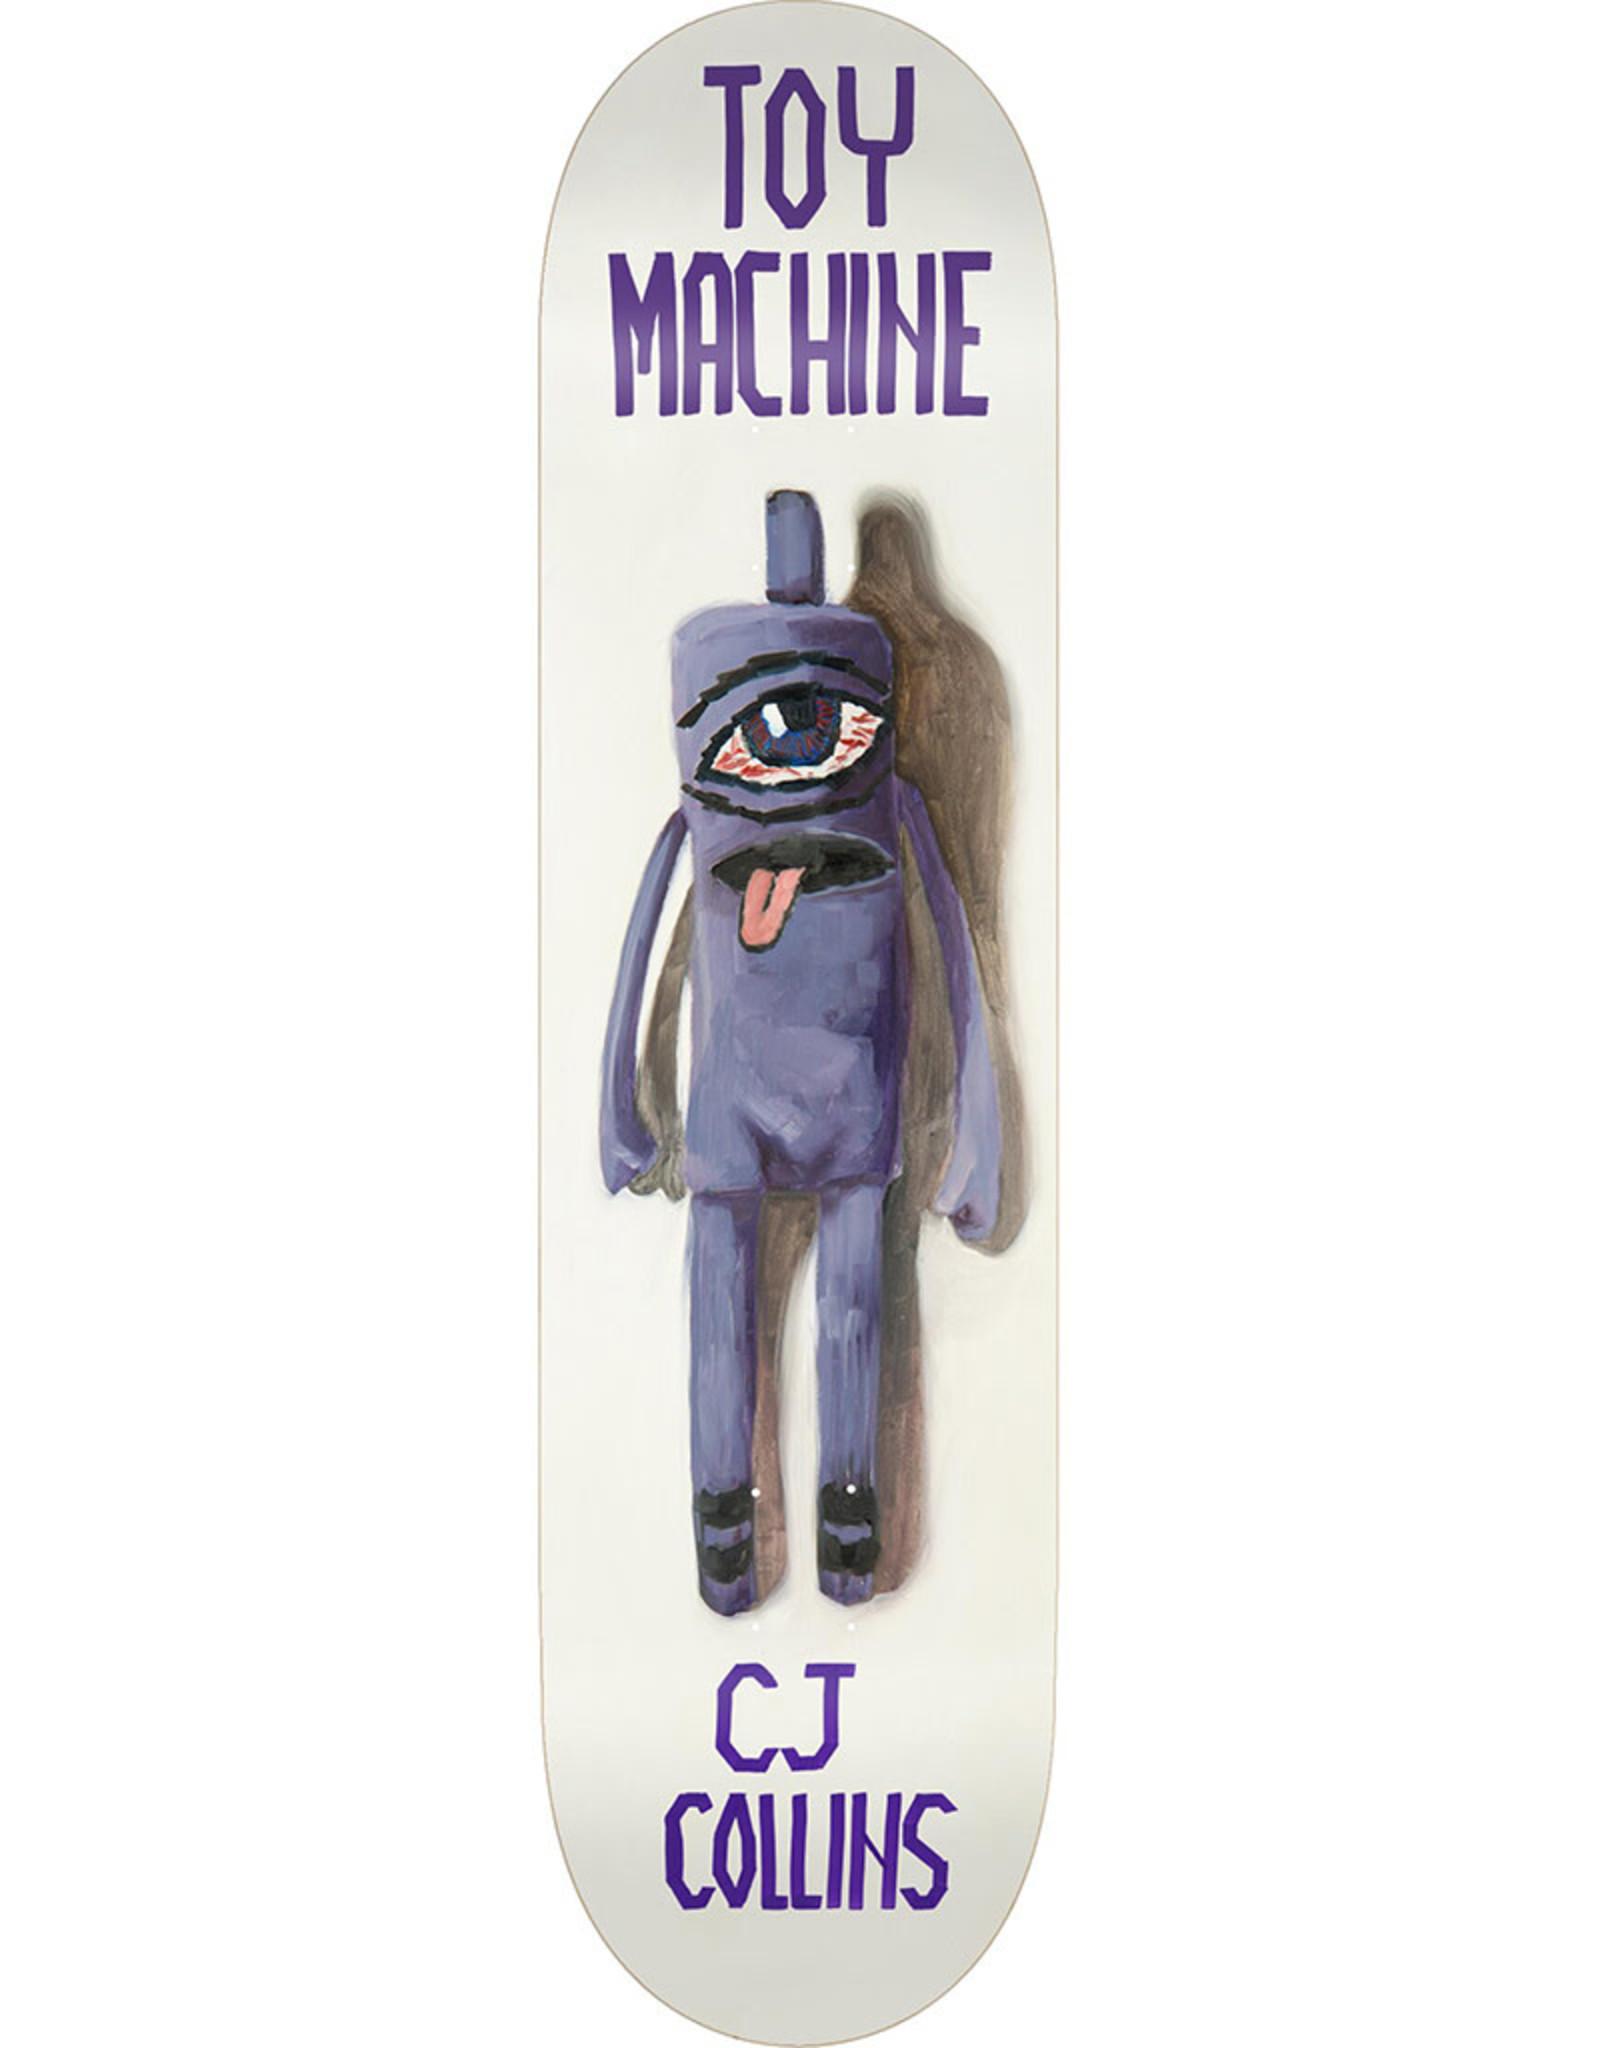 Toy Machine Toy Machine Deck CJ Collins Doll (7.75)